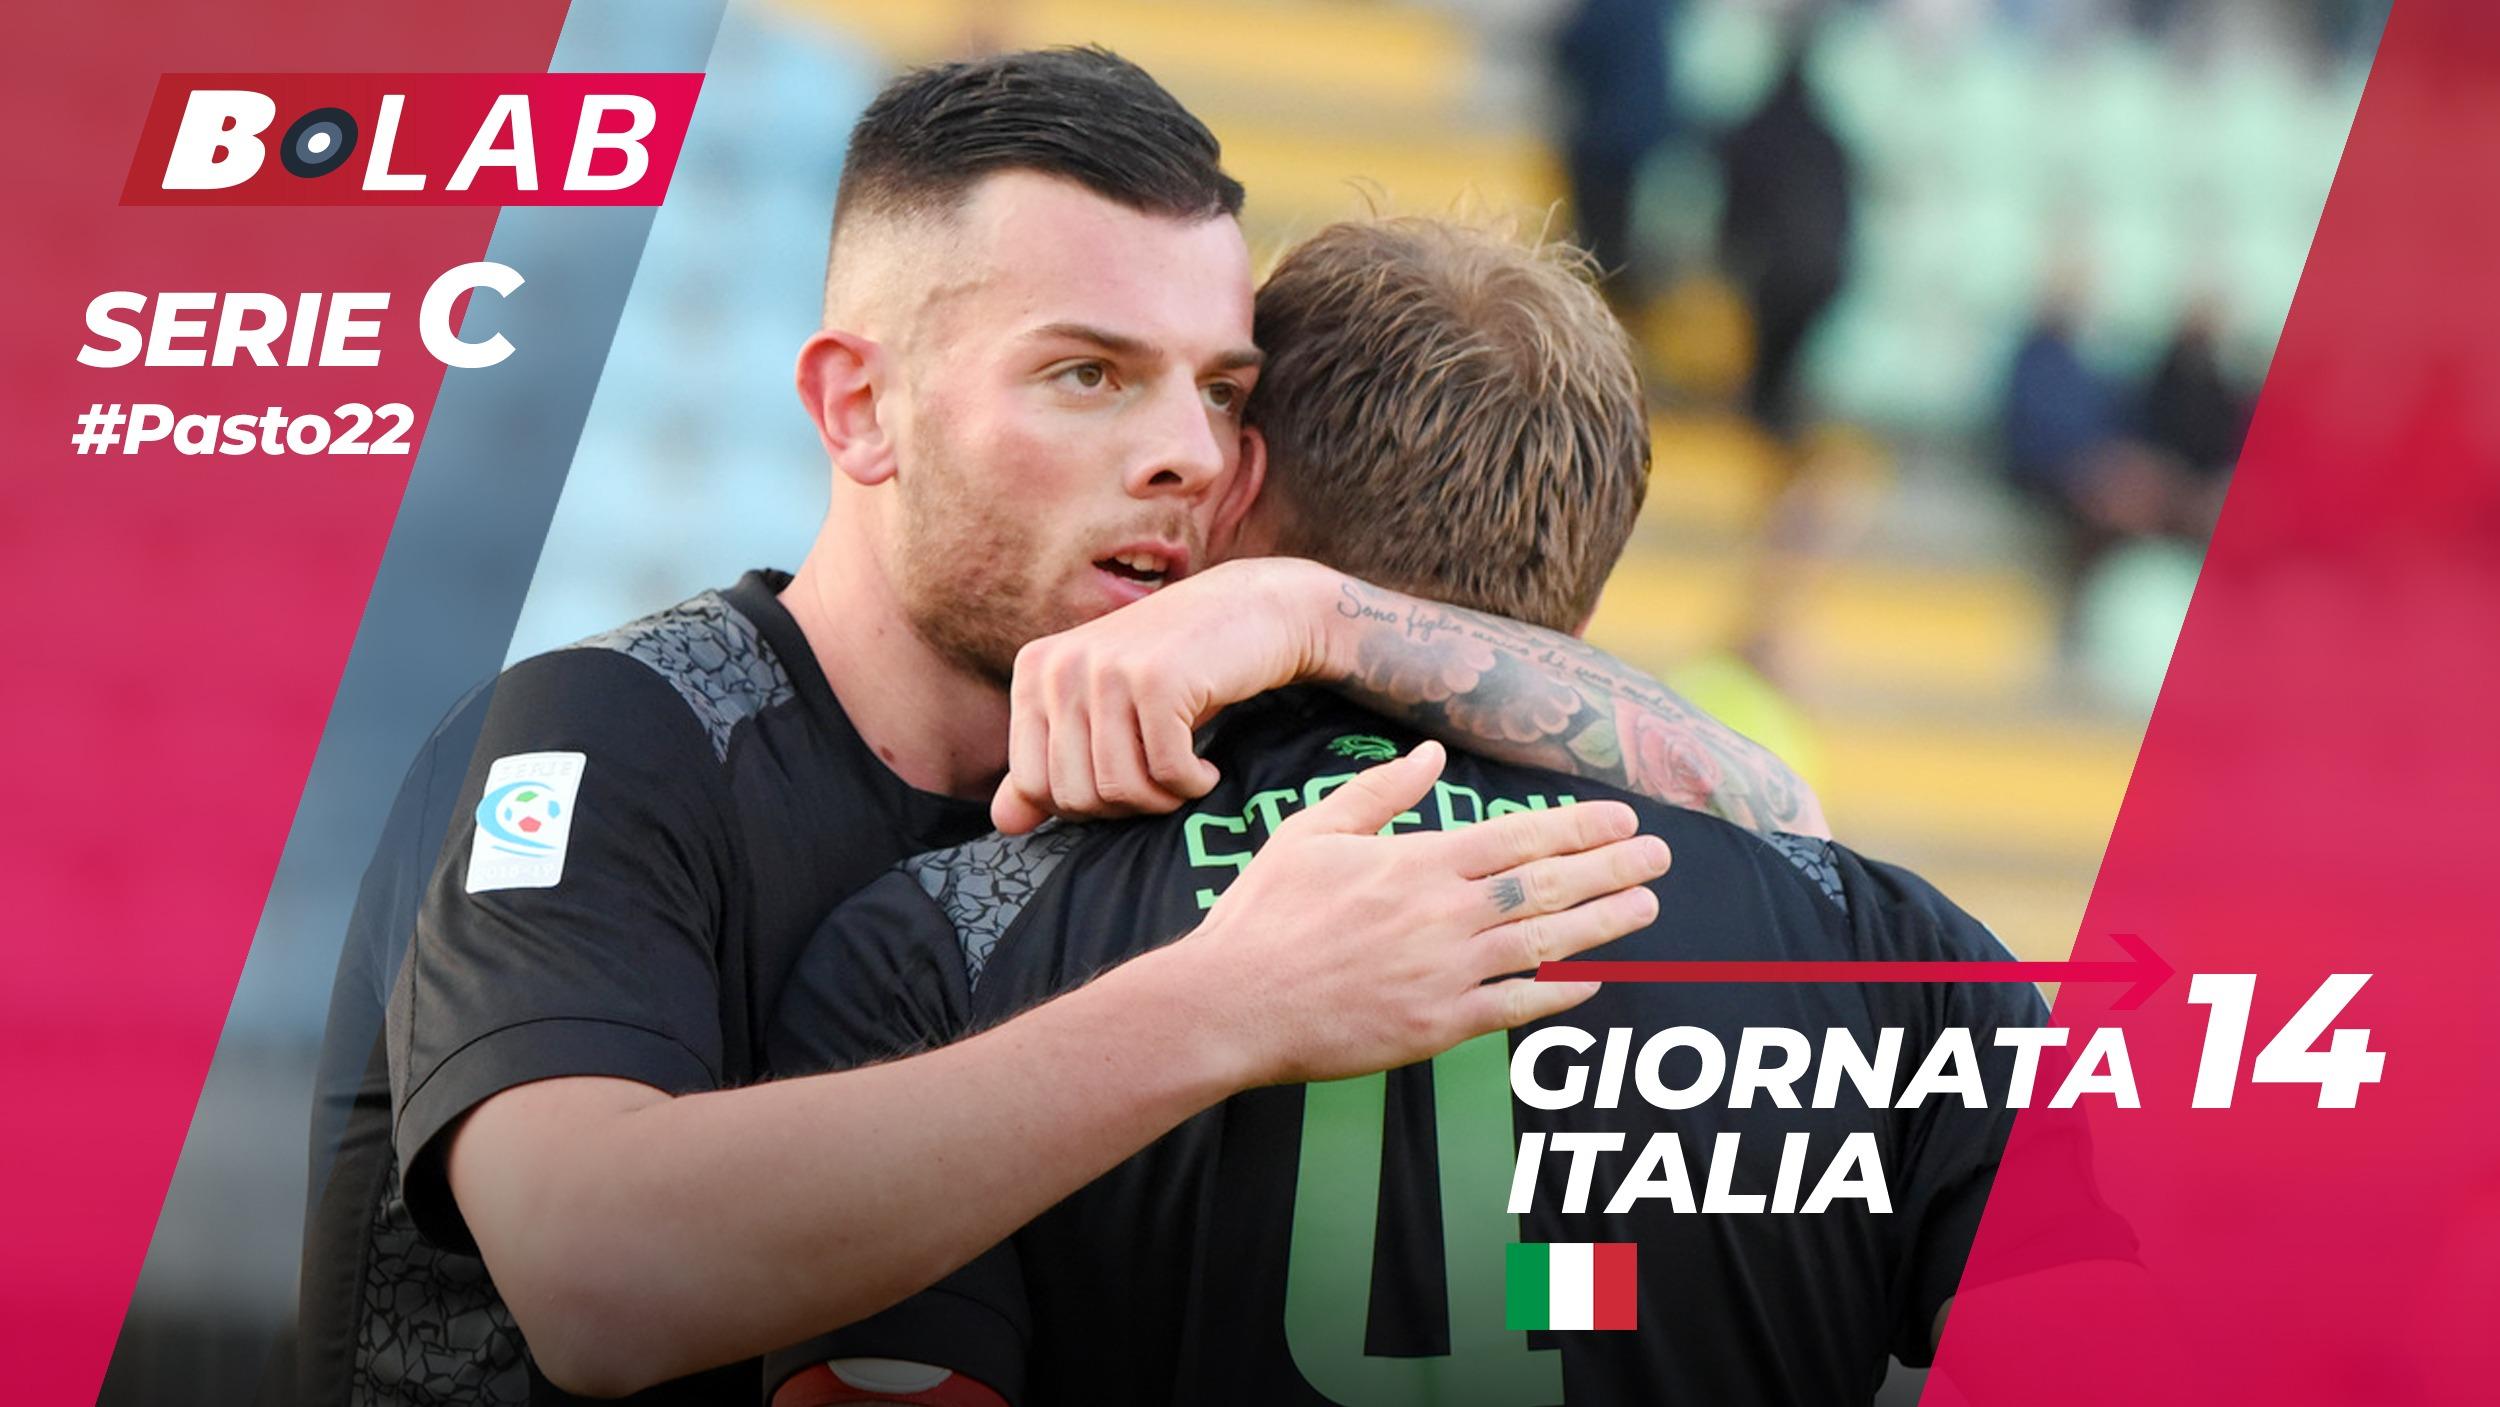 Pronostici Serie C 1 dicembre : #Csiamo, il blog di #Pasto22